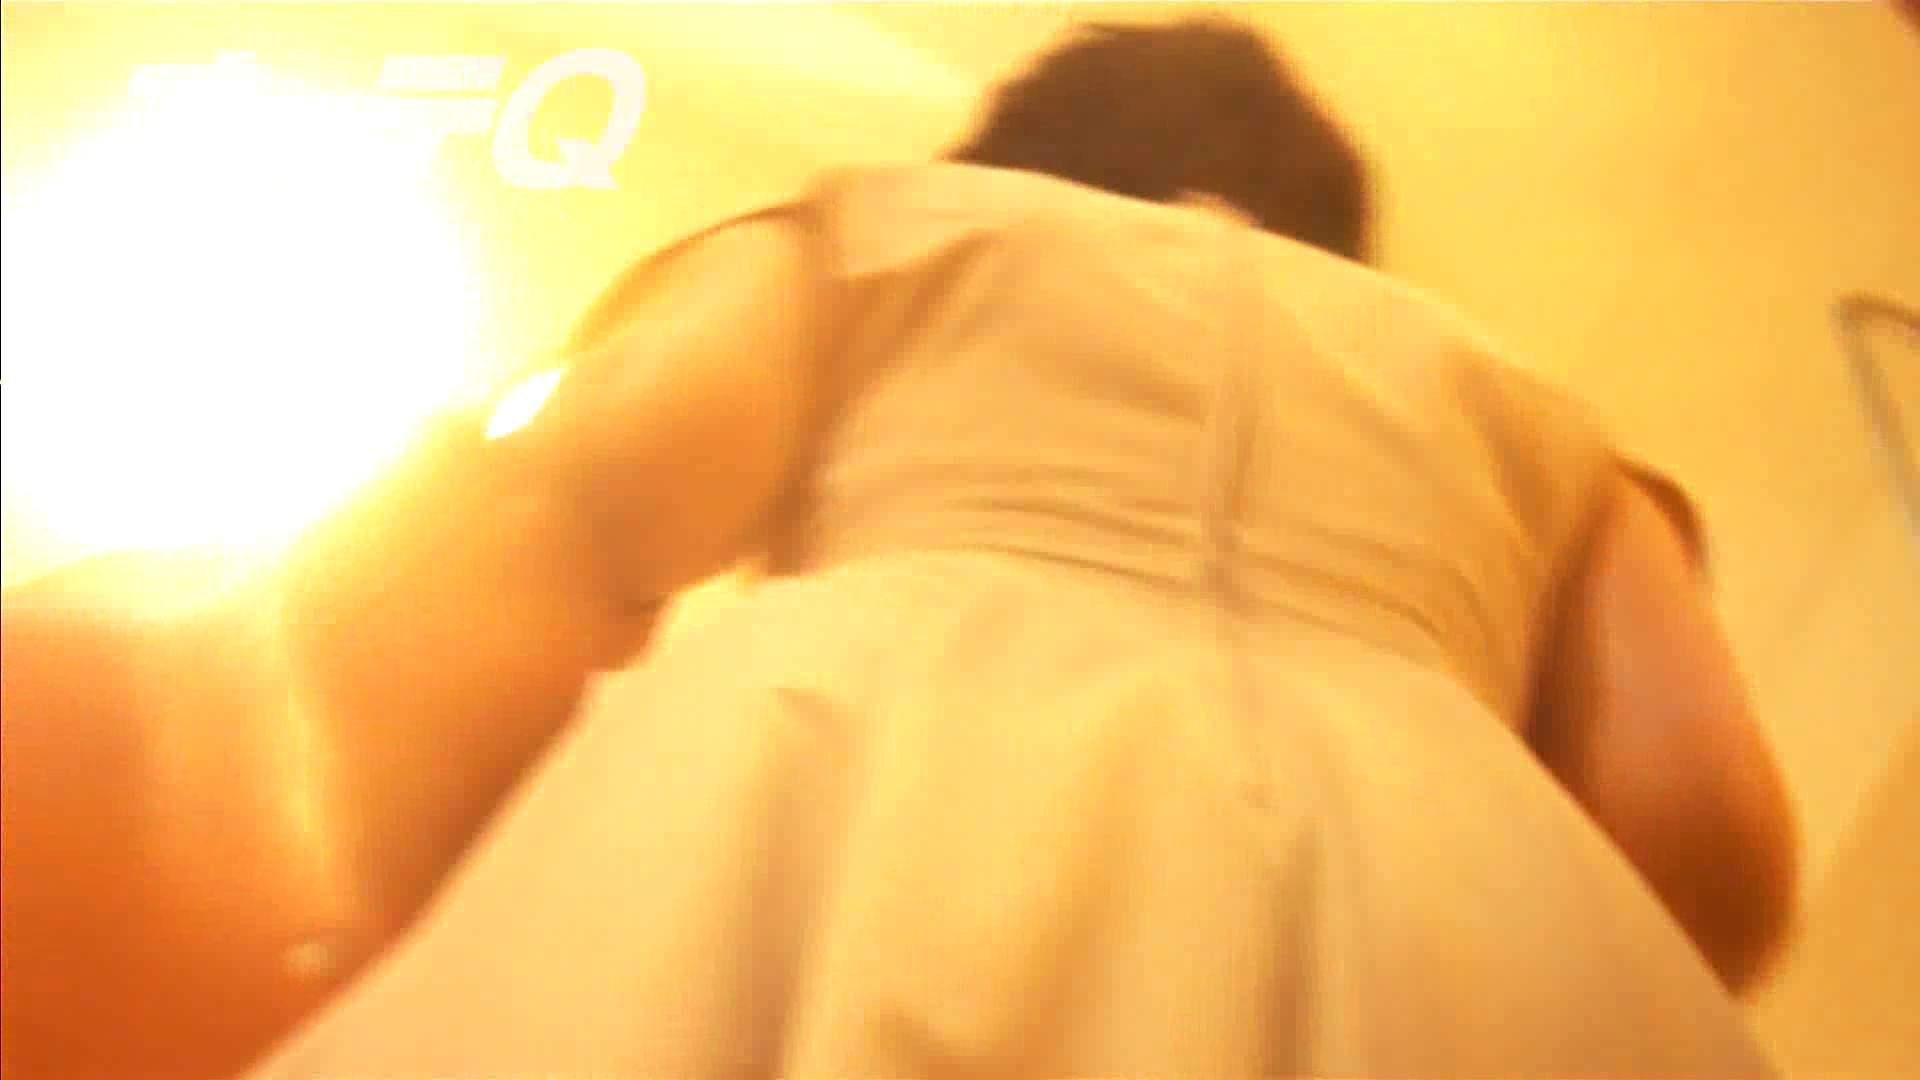 ハイビジョンパンチラ オッテQさんの追跡パンチラデパート編VOL.04 パンツ | ギャル・コレクション  42連発 25